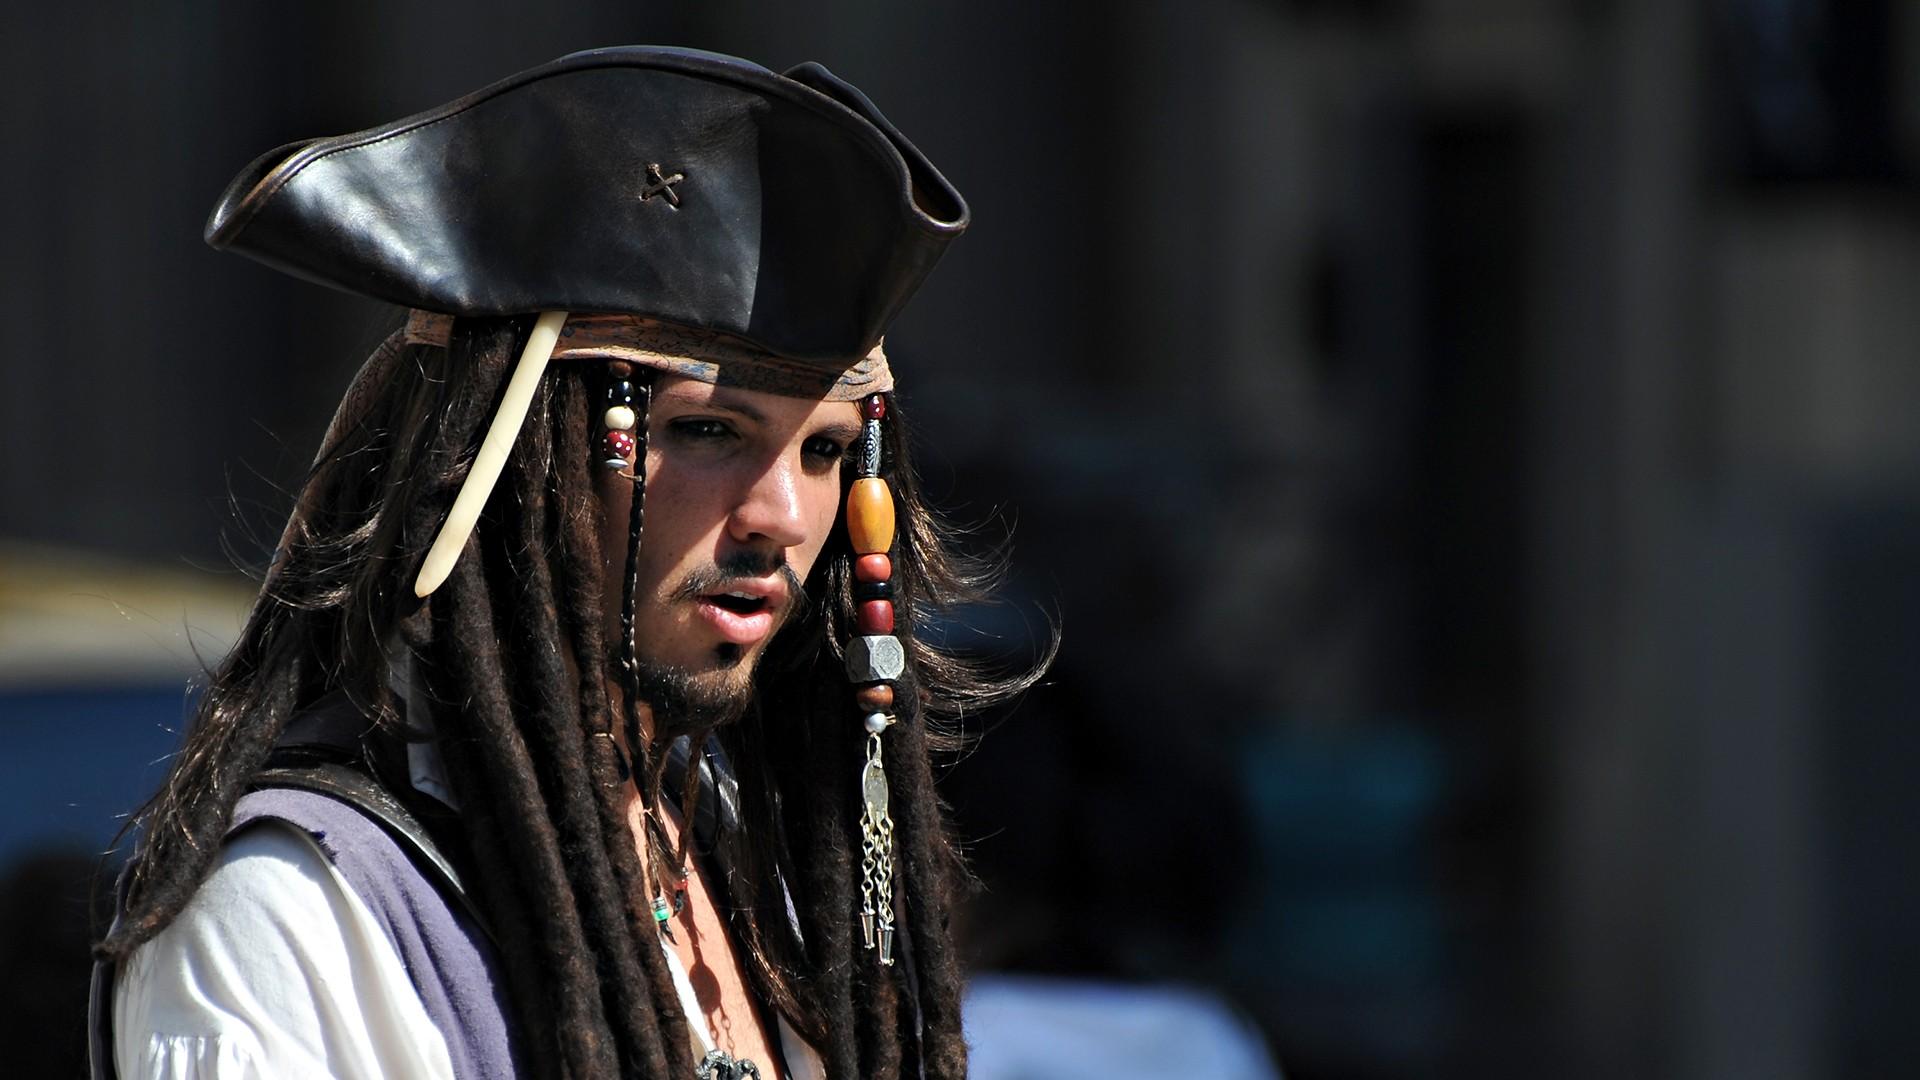 【【共享壁纸】+ 加勒比海盗(Y50-70适用)】-【小新笔记本】论坛-LenovoPC社区-联想社区